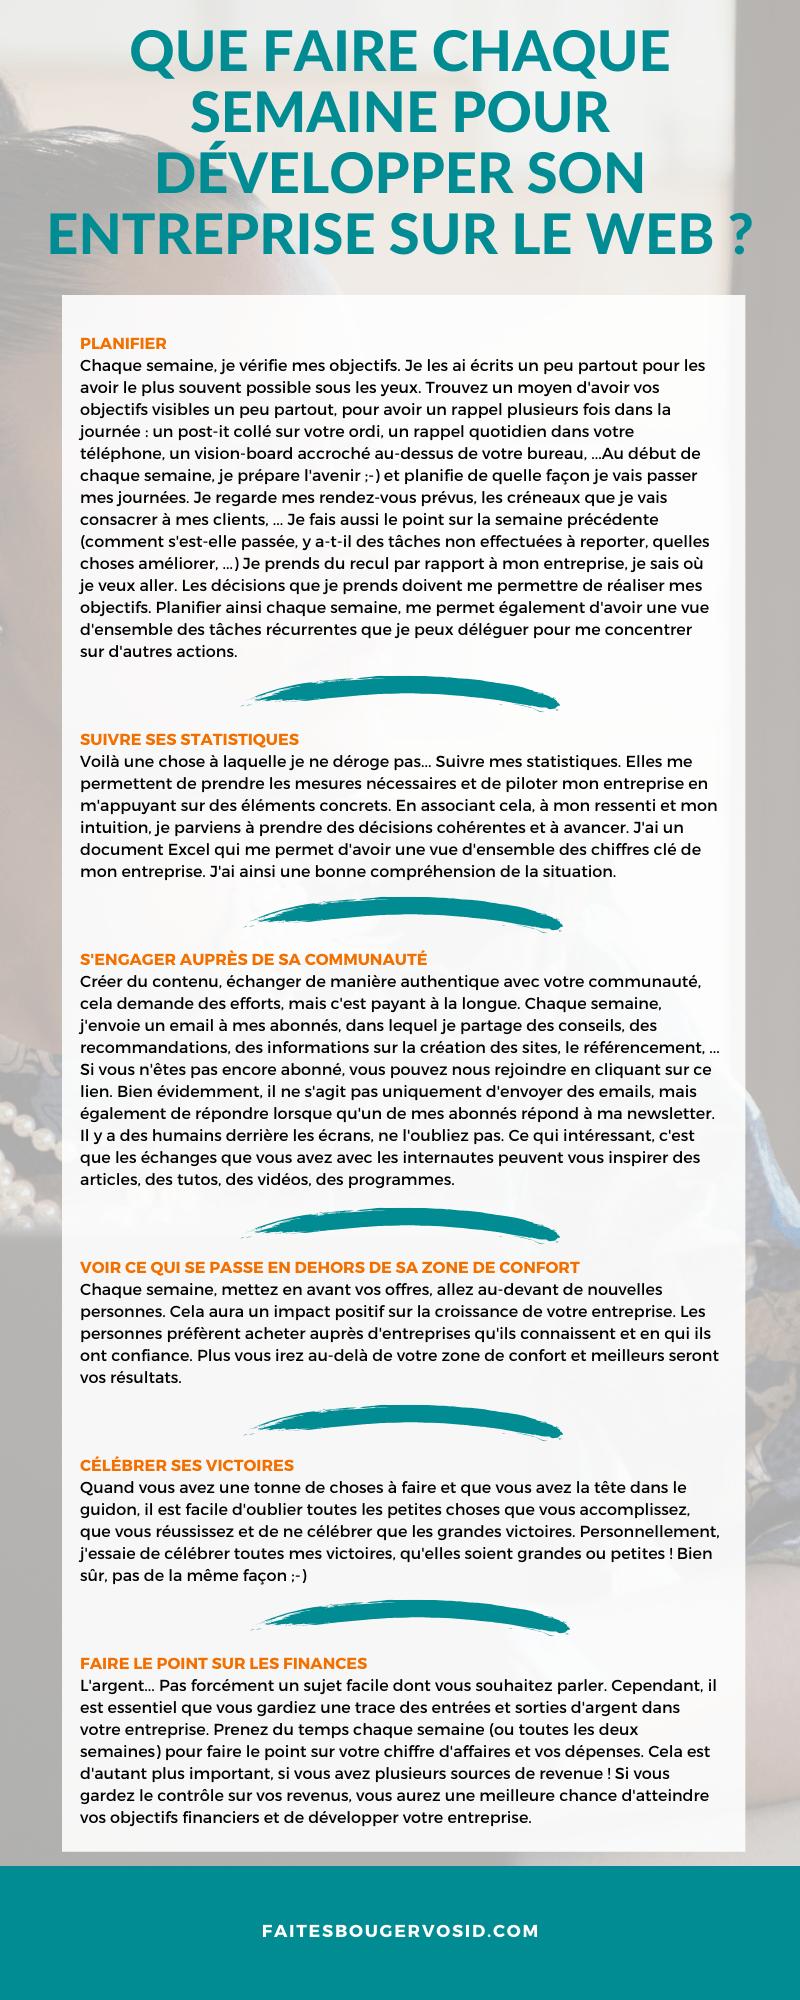 Je propose de partager avec vous ce que je fais chaque semaine (en plus du travail réalisé pour mes clients) pour développer mon entreprise.